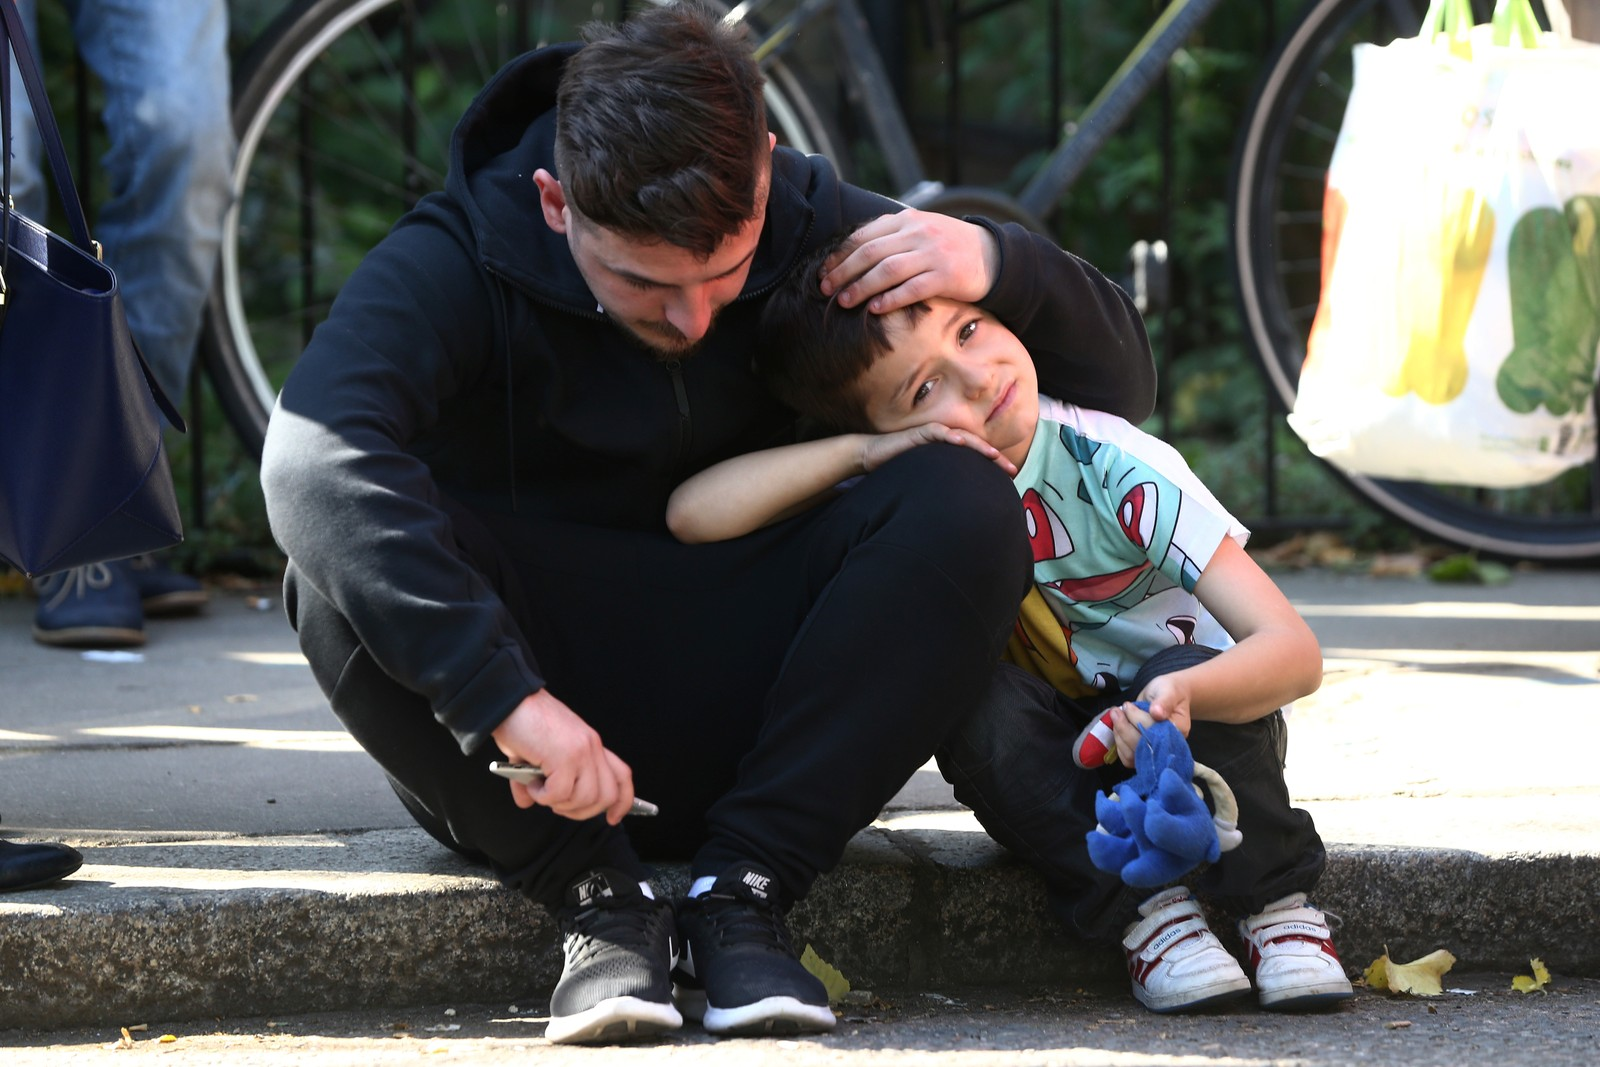 En mann trøster en liten gutt etter den voldsomme brannen som ramma en boligblokk i Grenfell, London denne uka.